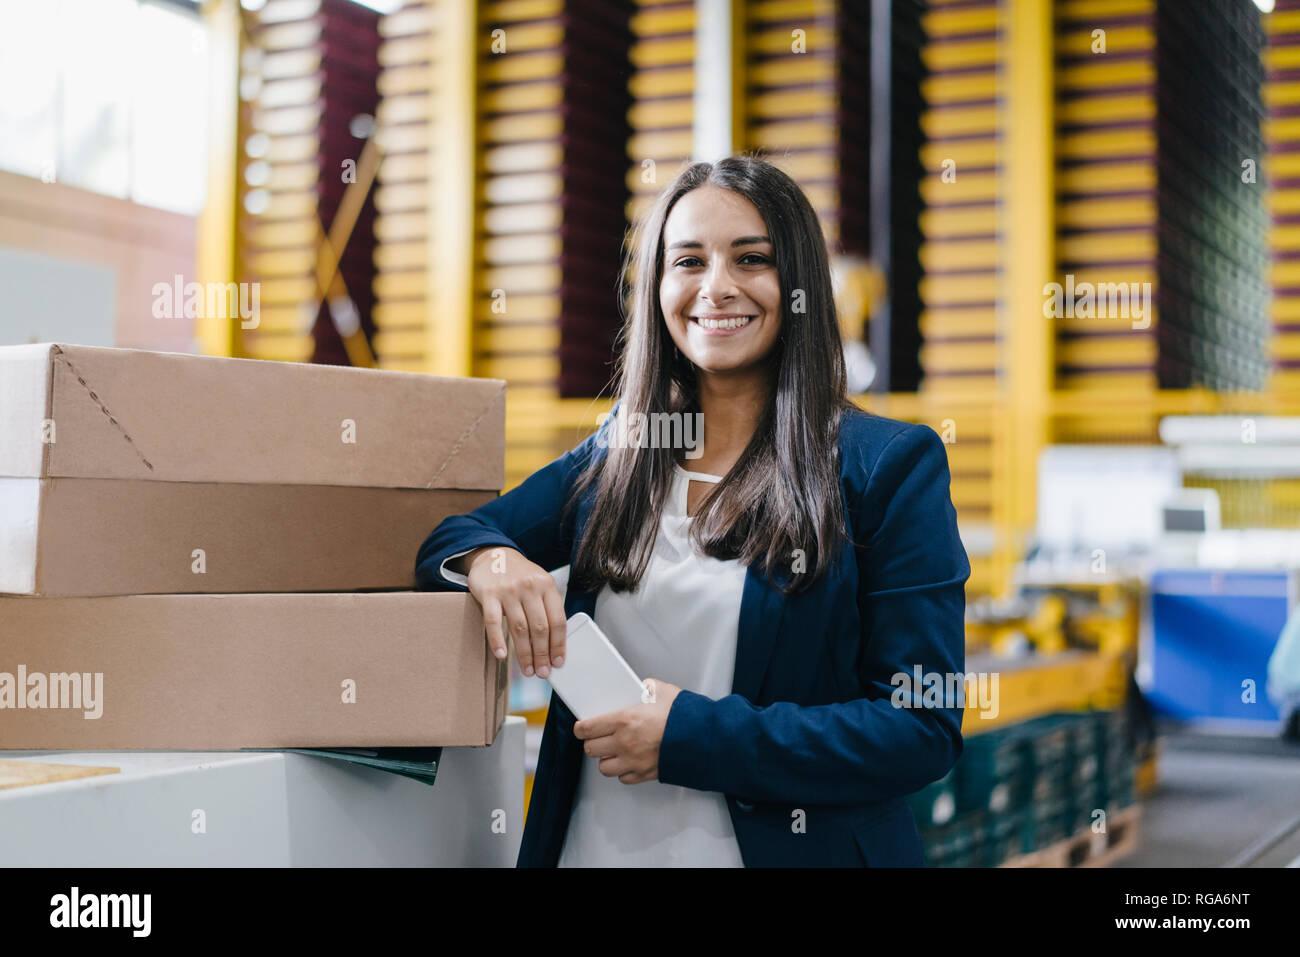 Jeune femme travaillant dans l'entrepôt de distribution Photo Stock